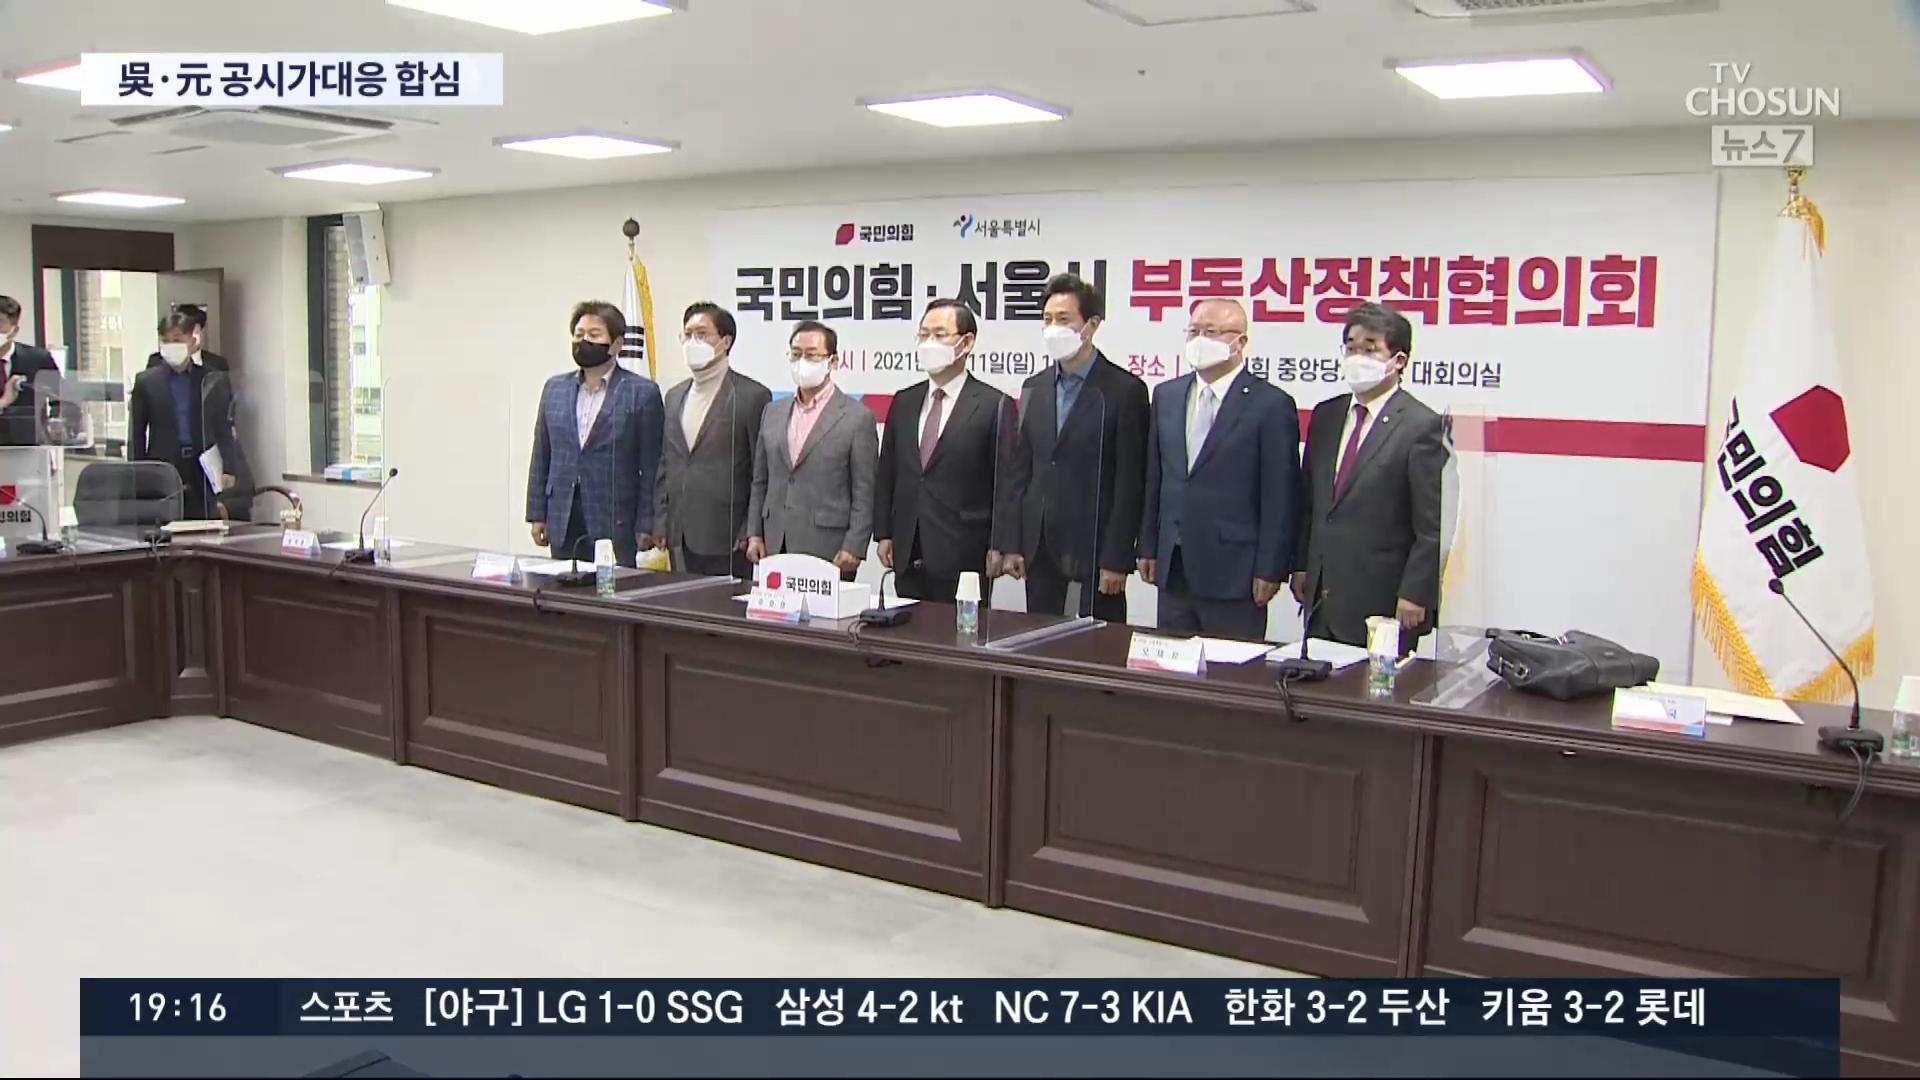 오세훈·원희룡 '공시가격 바로잡겠다'…野 지자체장 공동전선